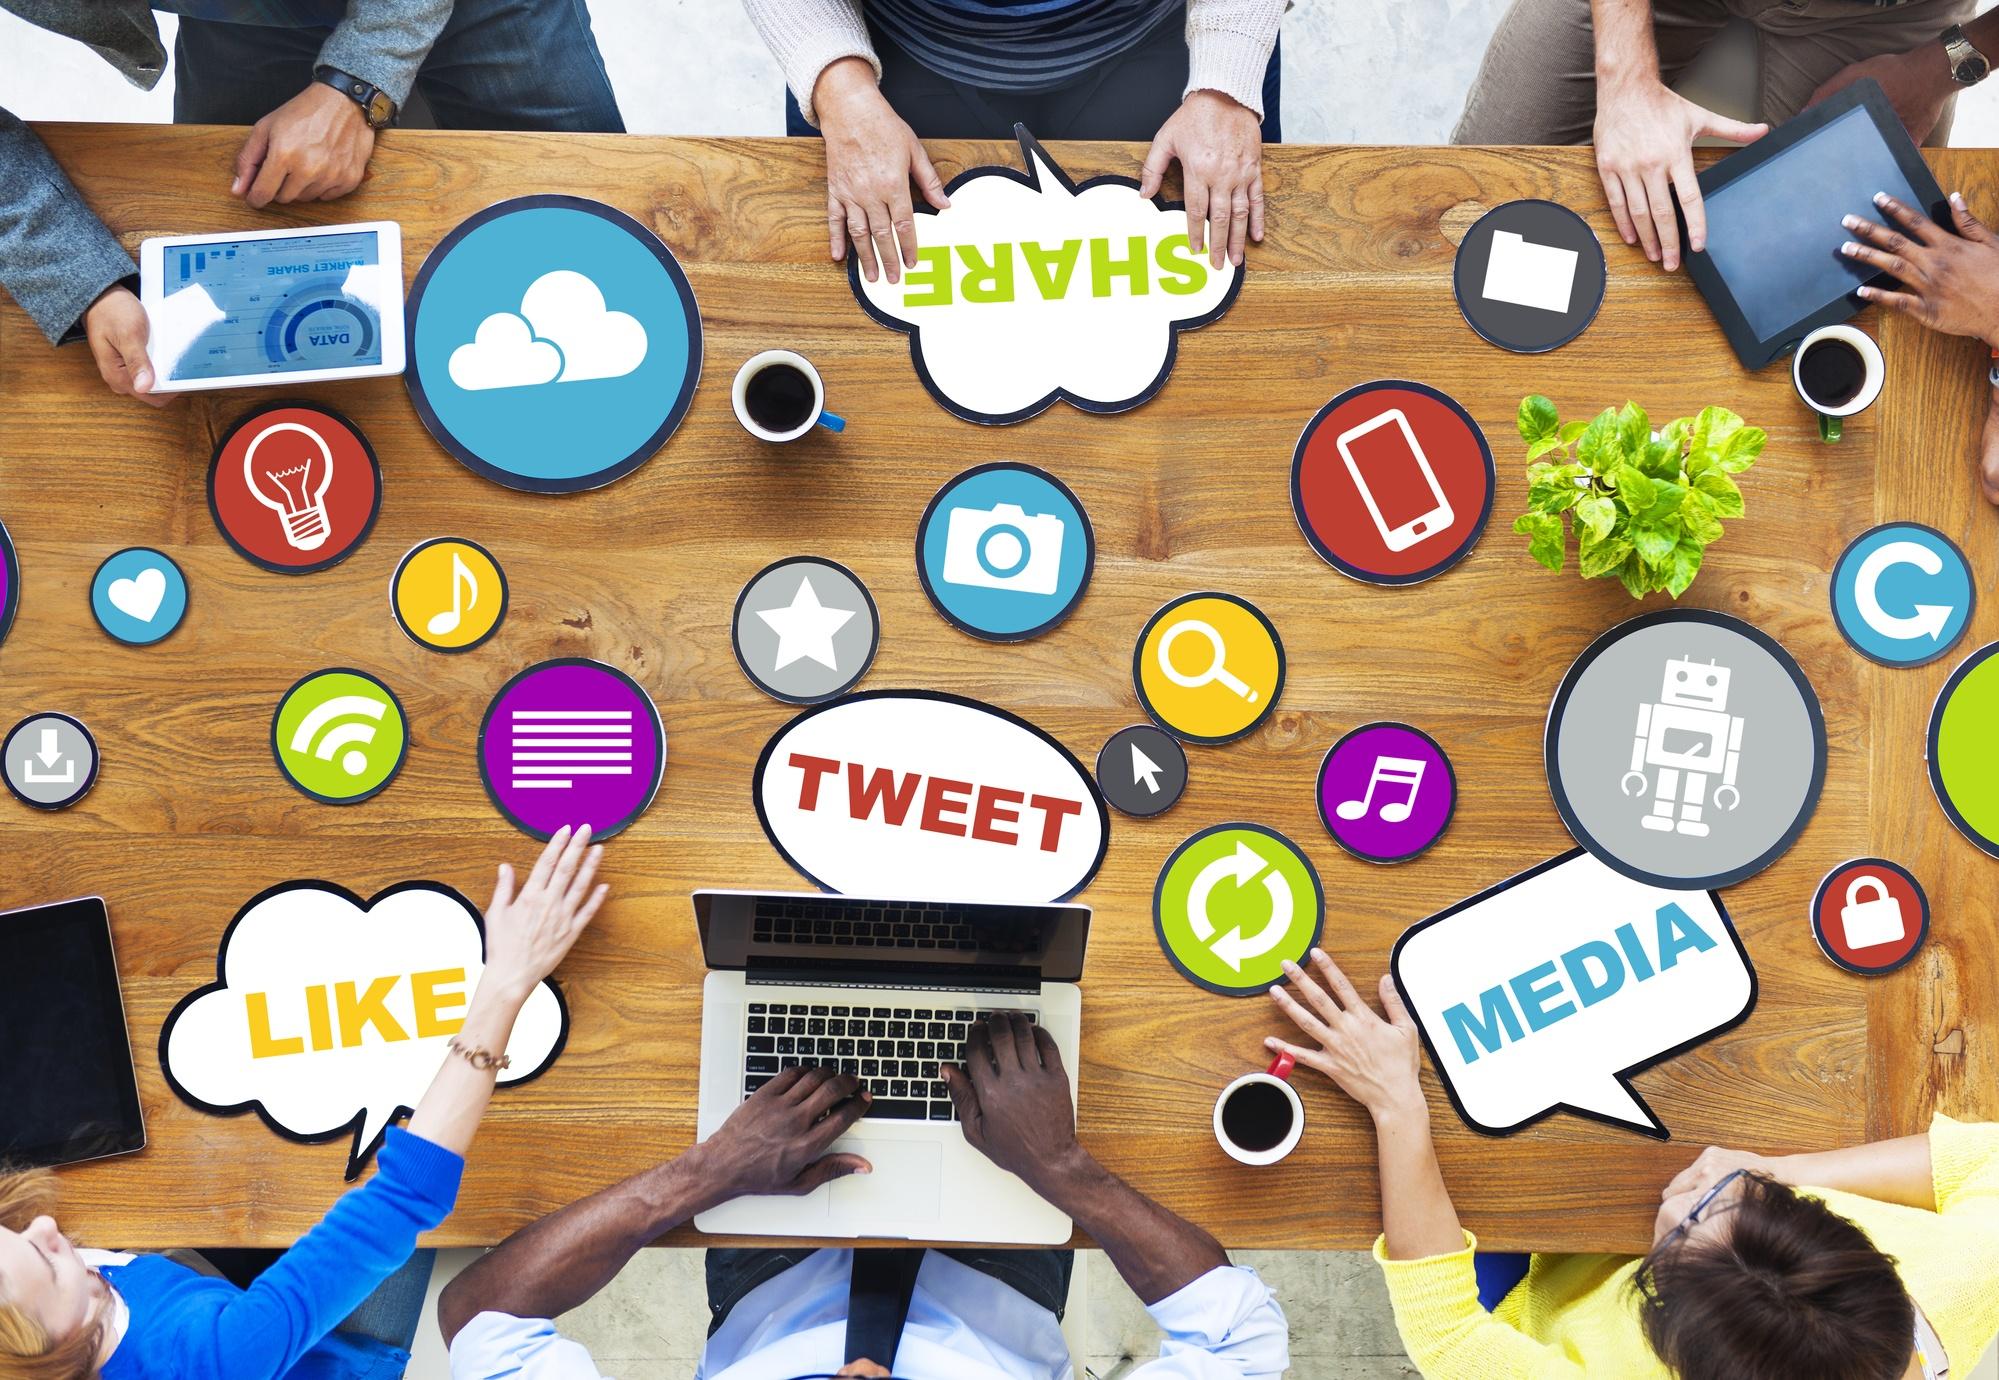 Set up your social media